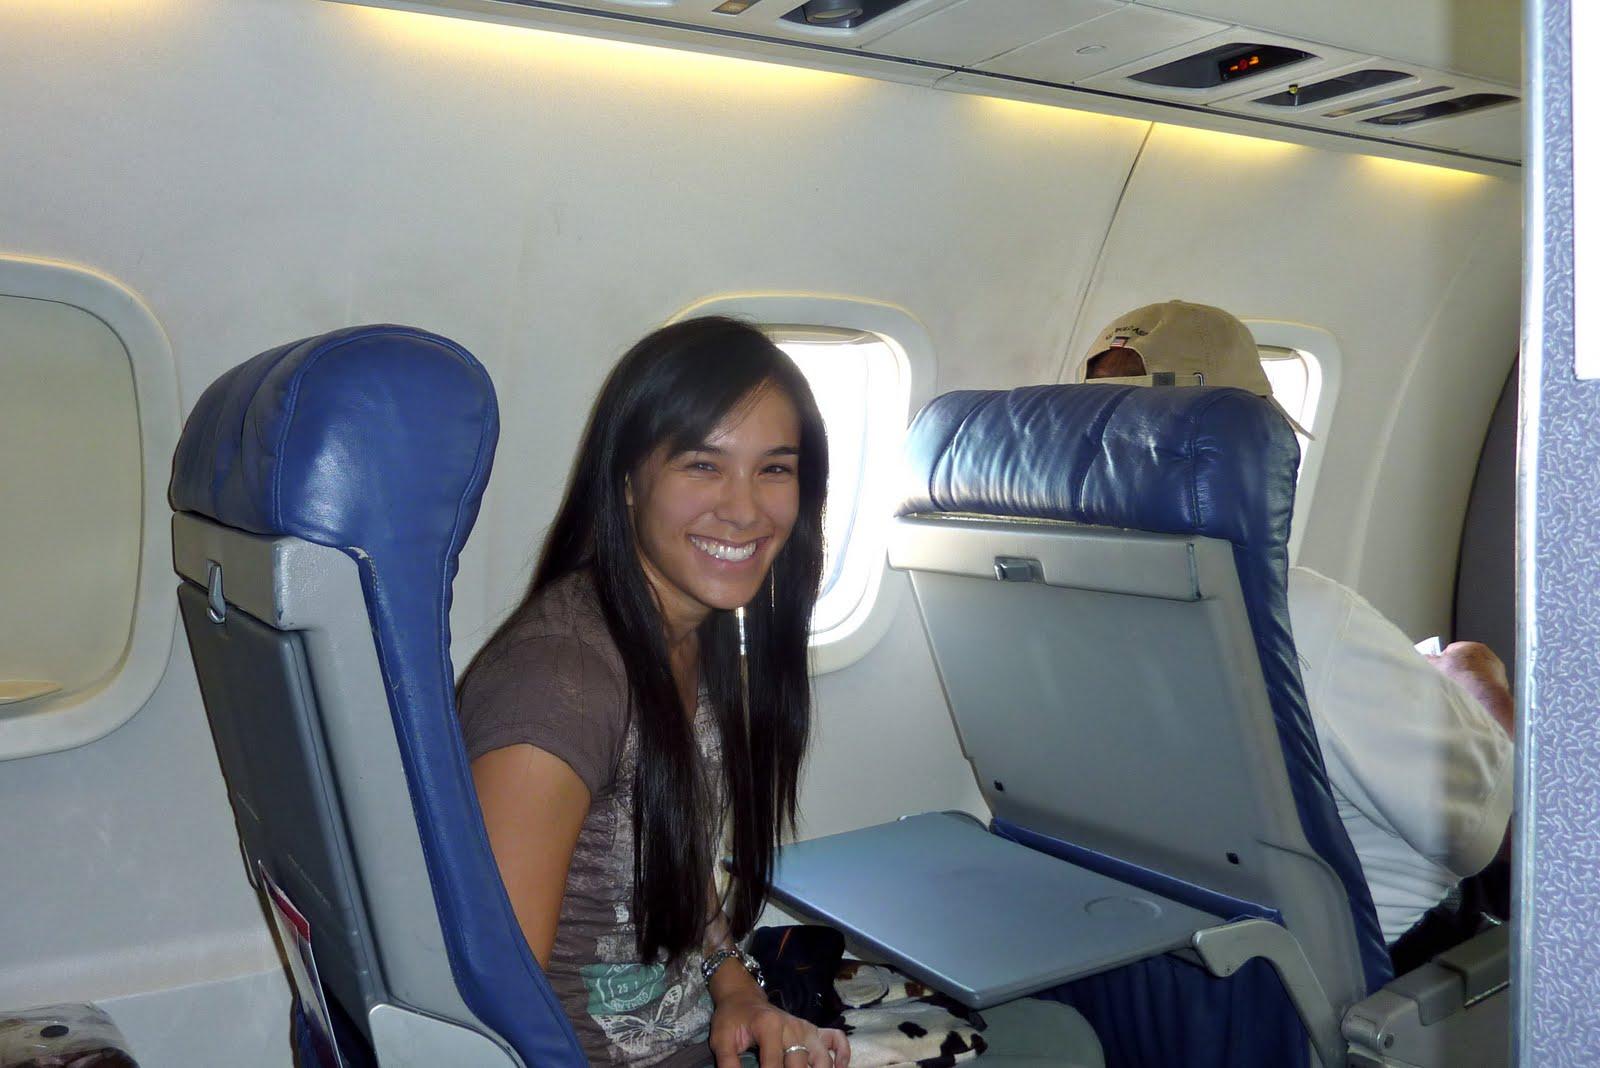 Whoohoo! First class!